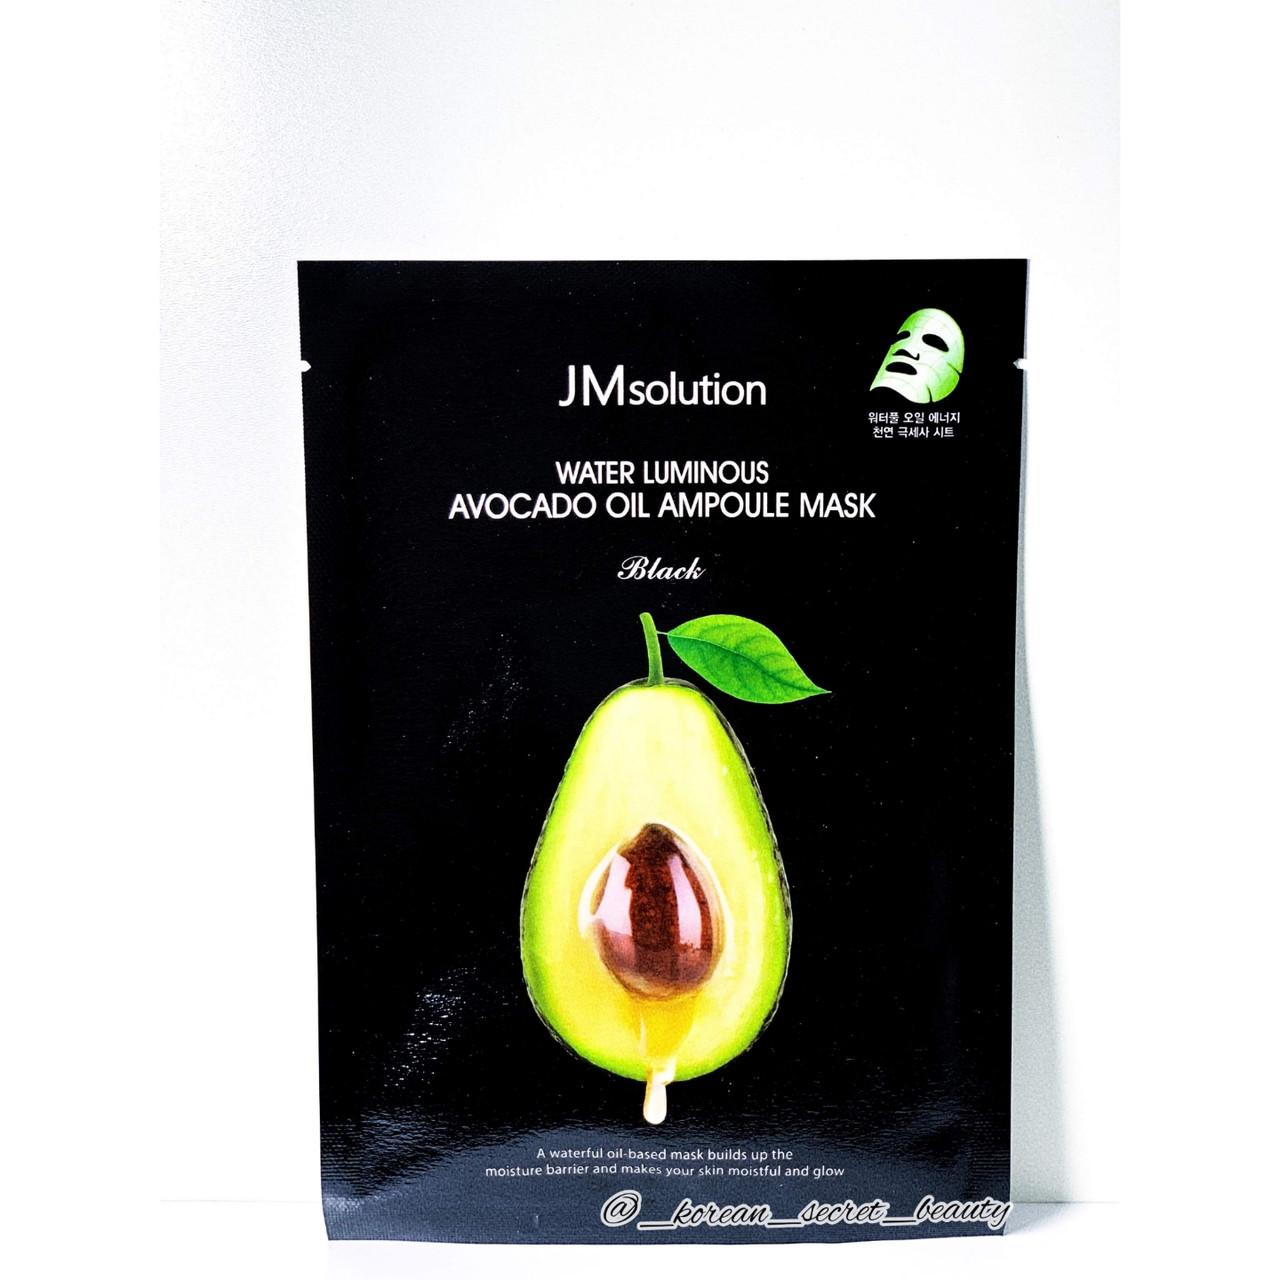 Тканевая маска для лица с маслом авокадо JMsolution Water Luminous avocado oil ampoule mask